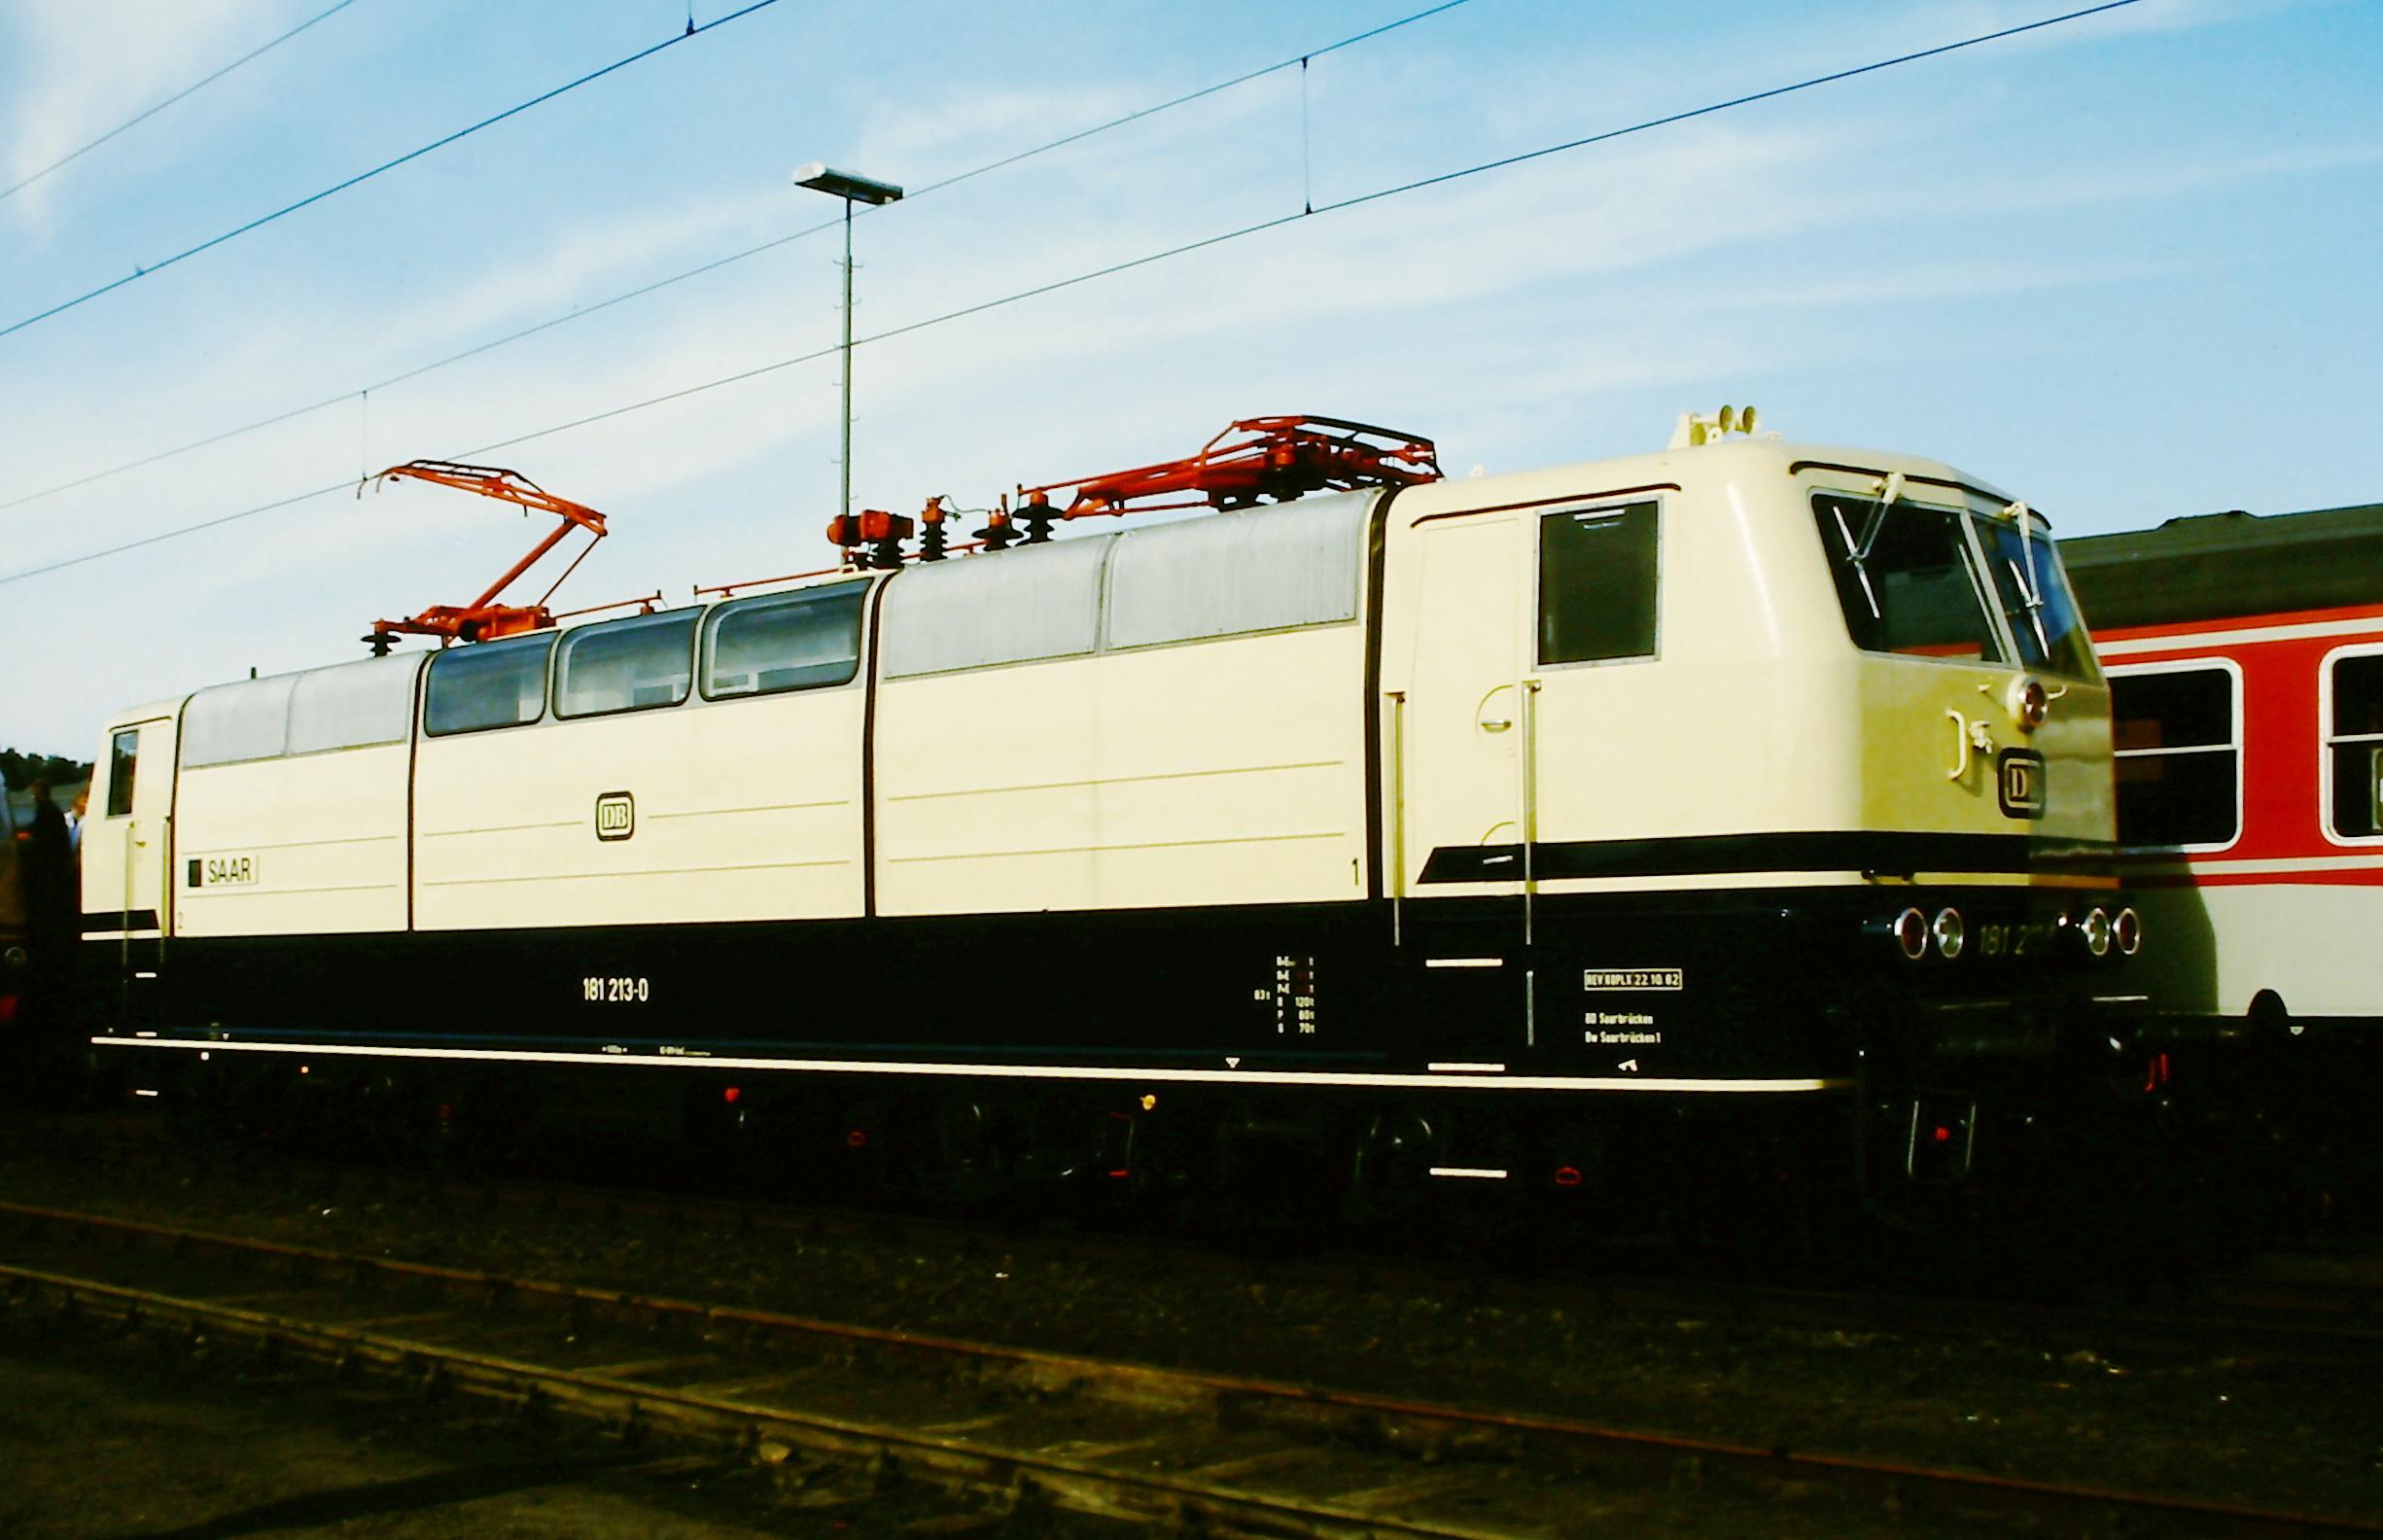 DB-Baureihe 181 (181.0, 181.1, 181.2)